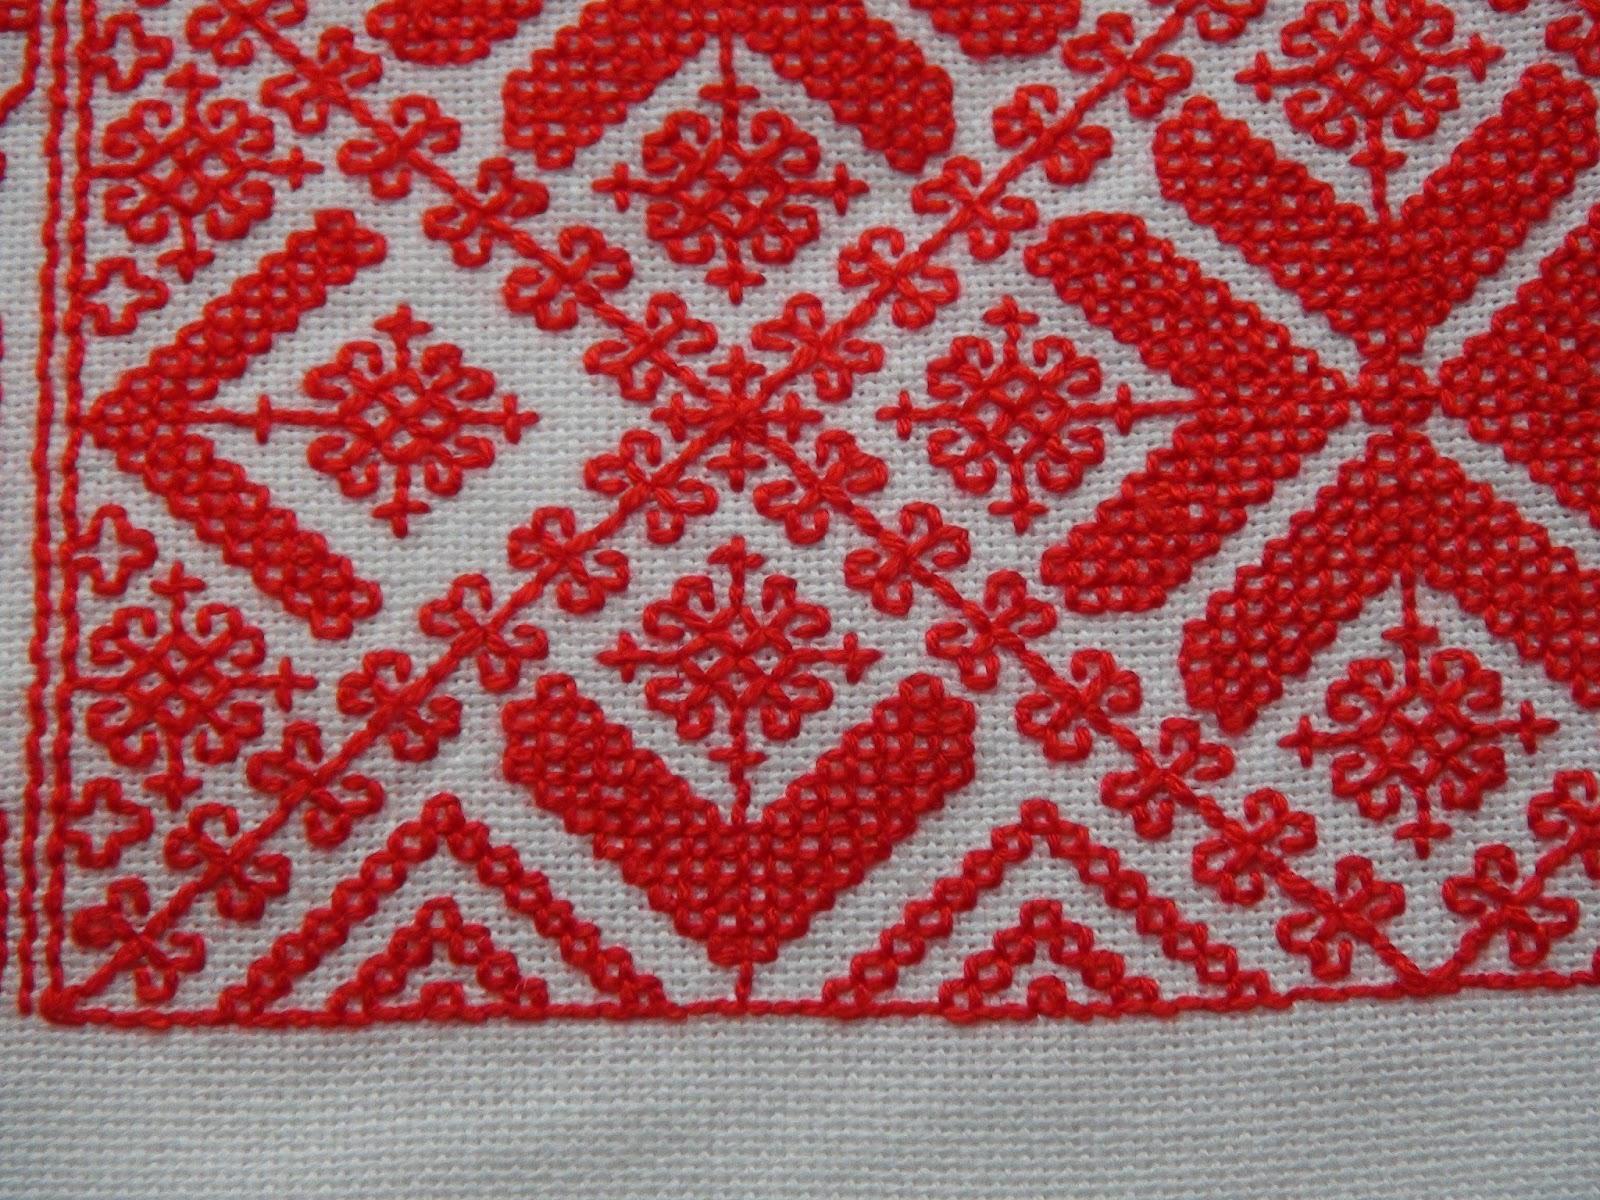 схема рисунка на старинном полотенце